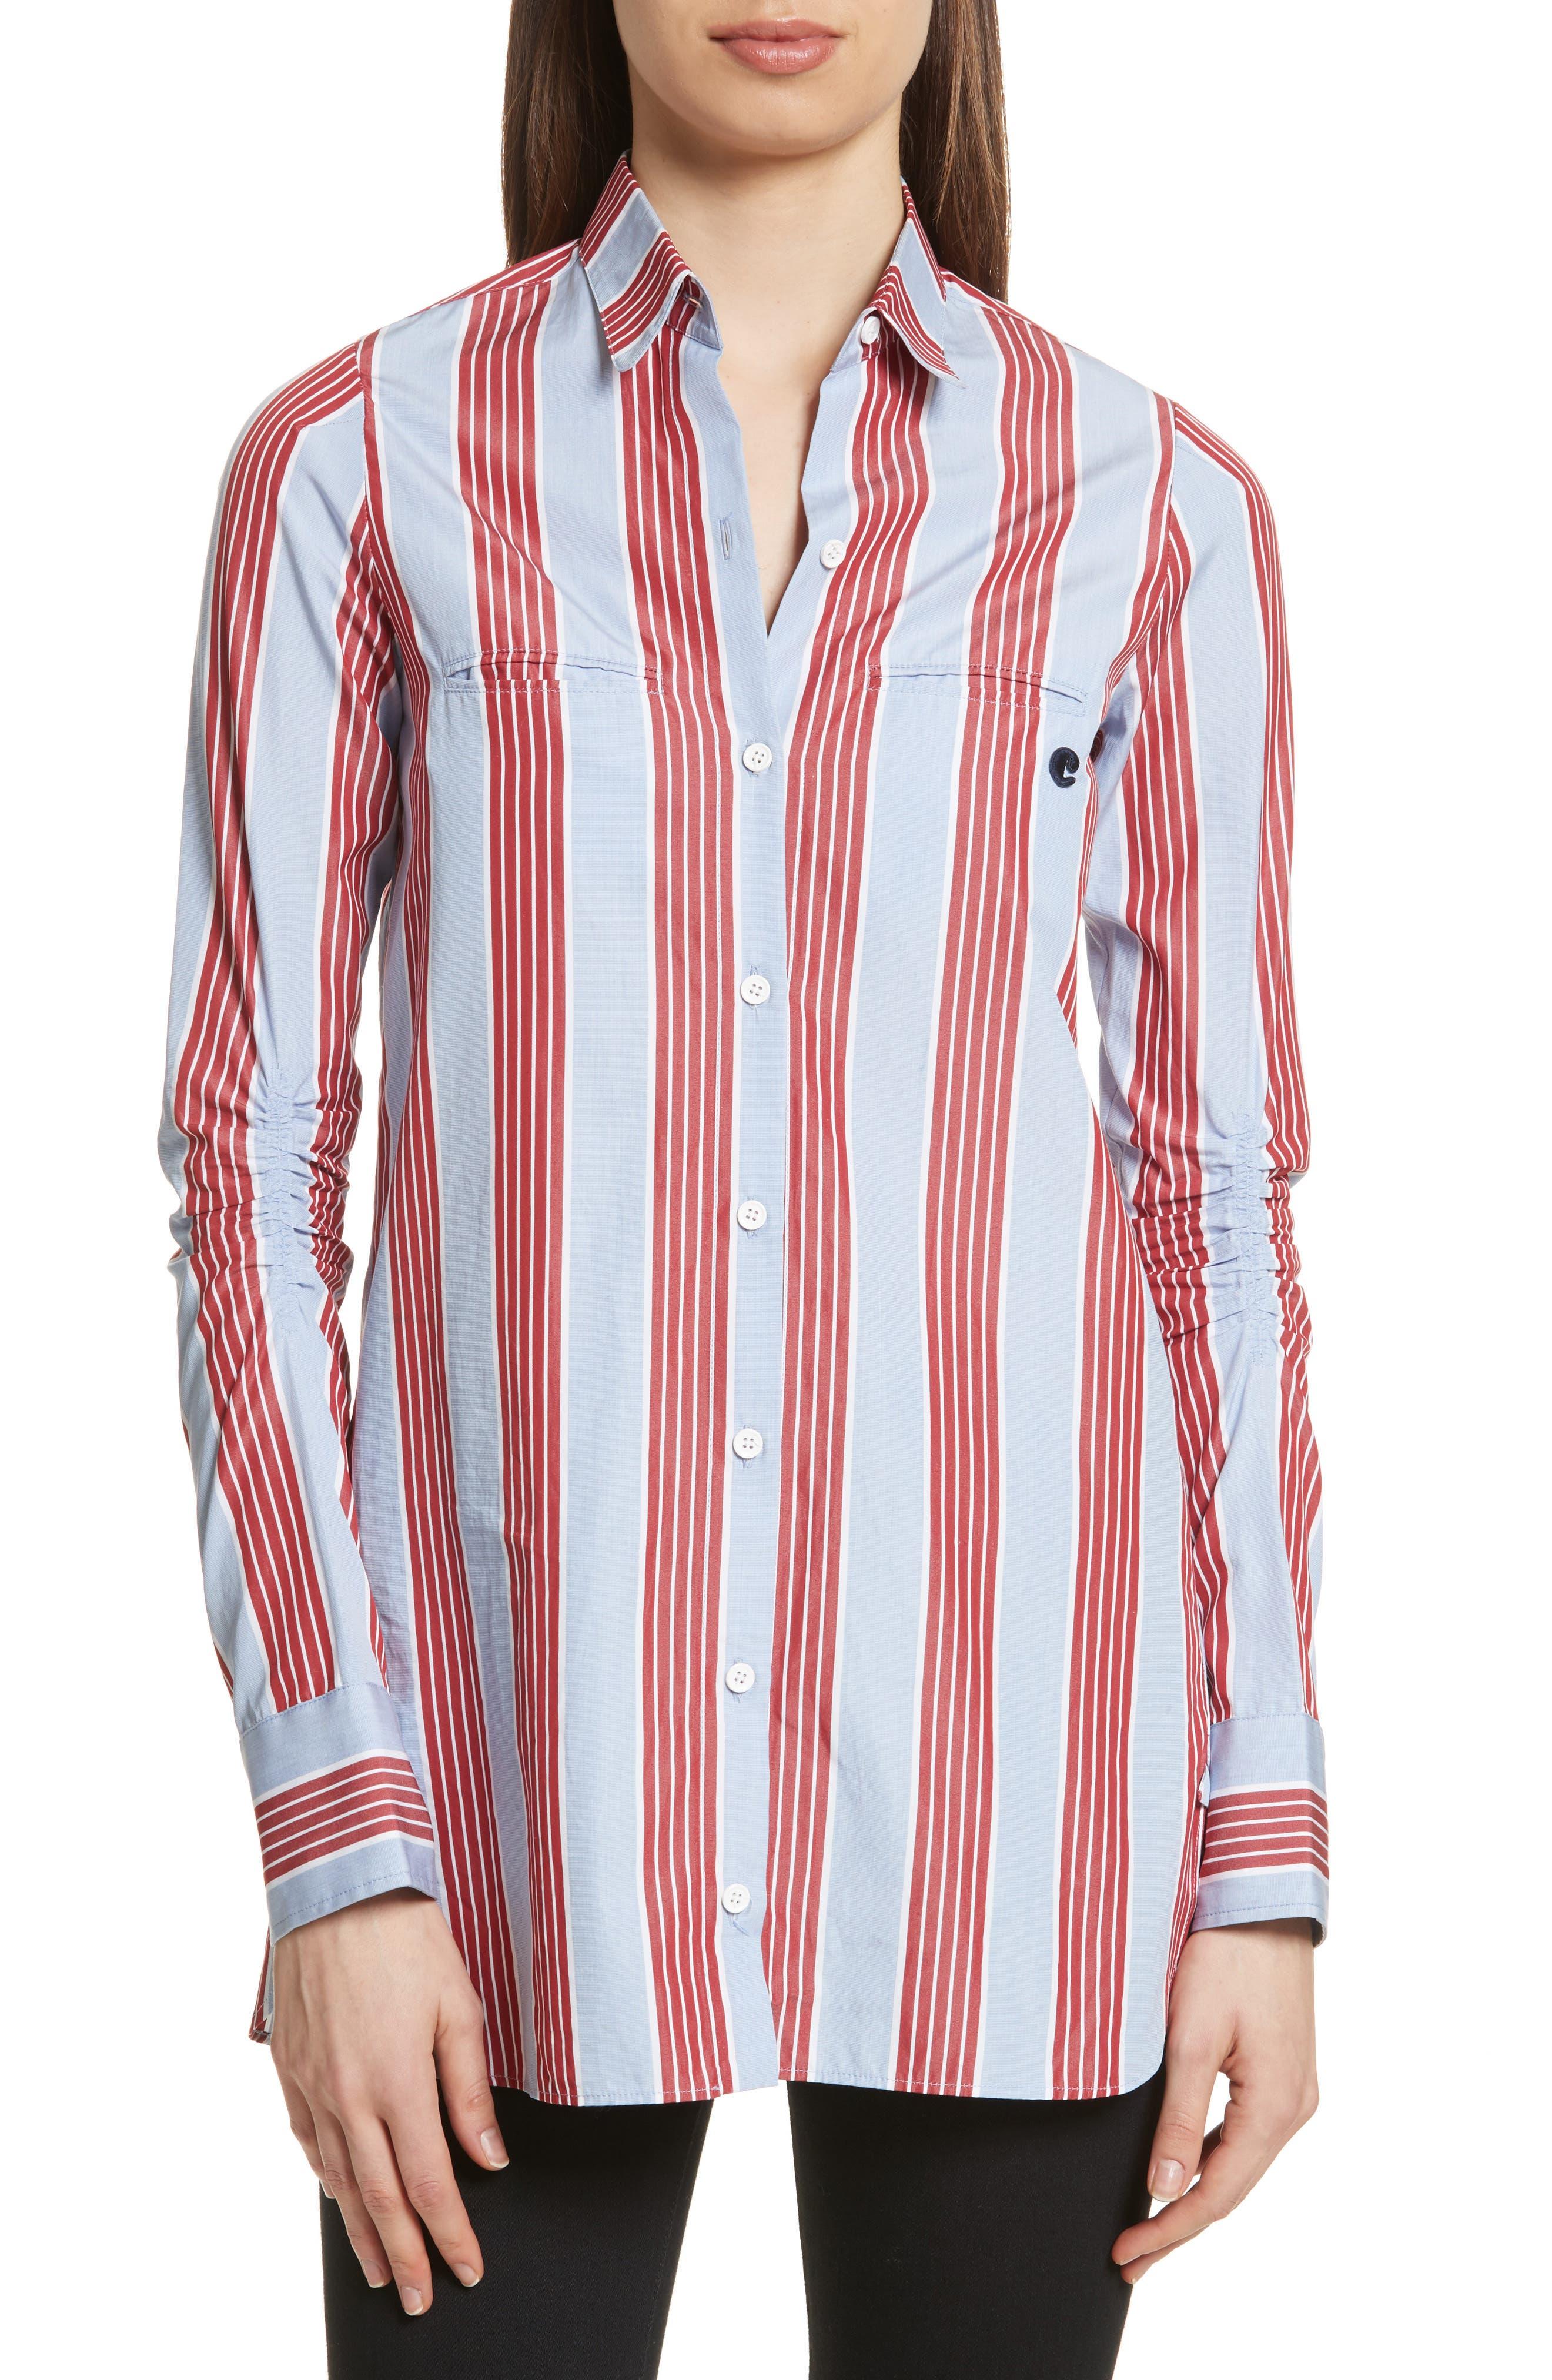 Chemise Manches Longues Stripe Shirt,                         Main,                         color, Bleu Acier/ Rouge Fonce